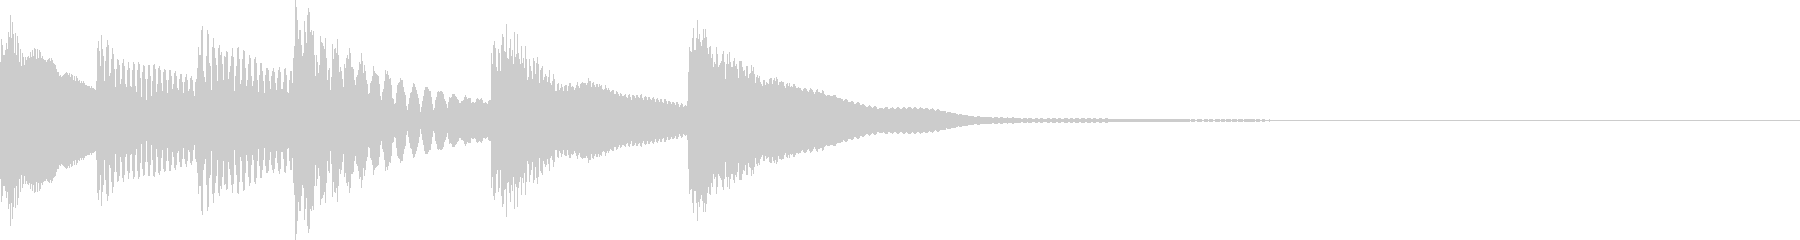 弦楽器の未再生の波形